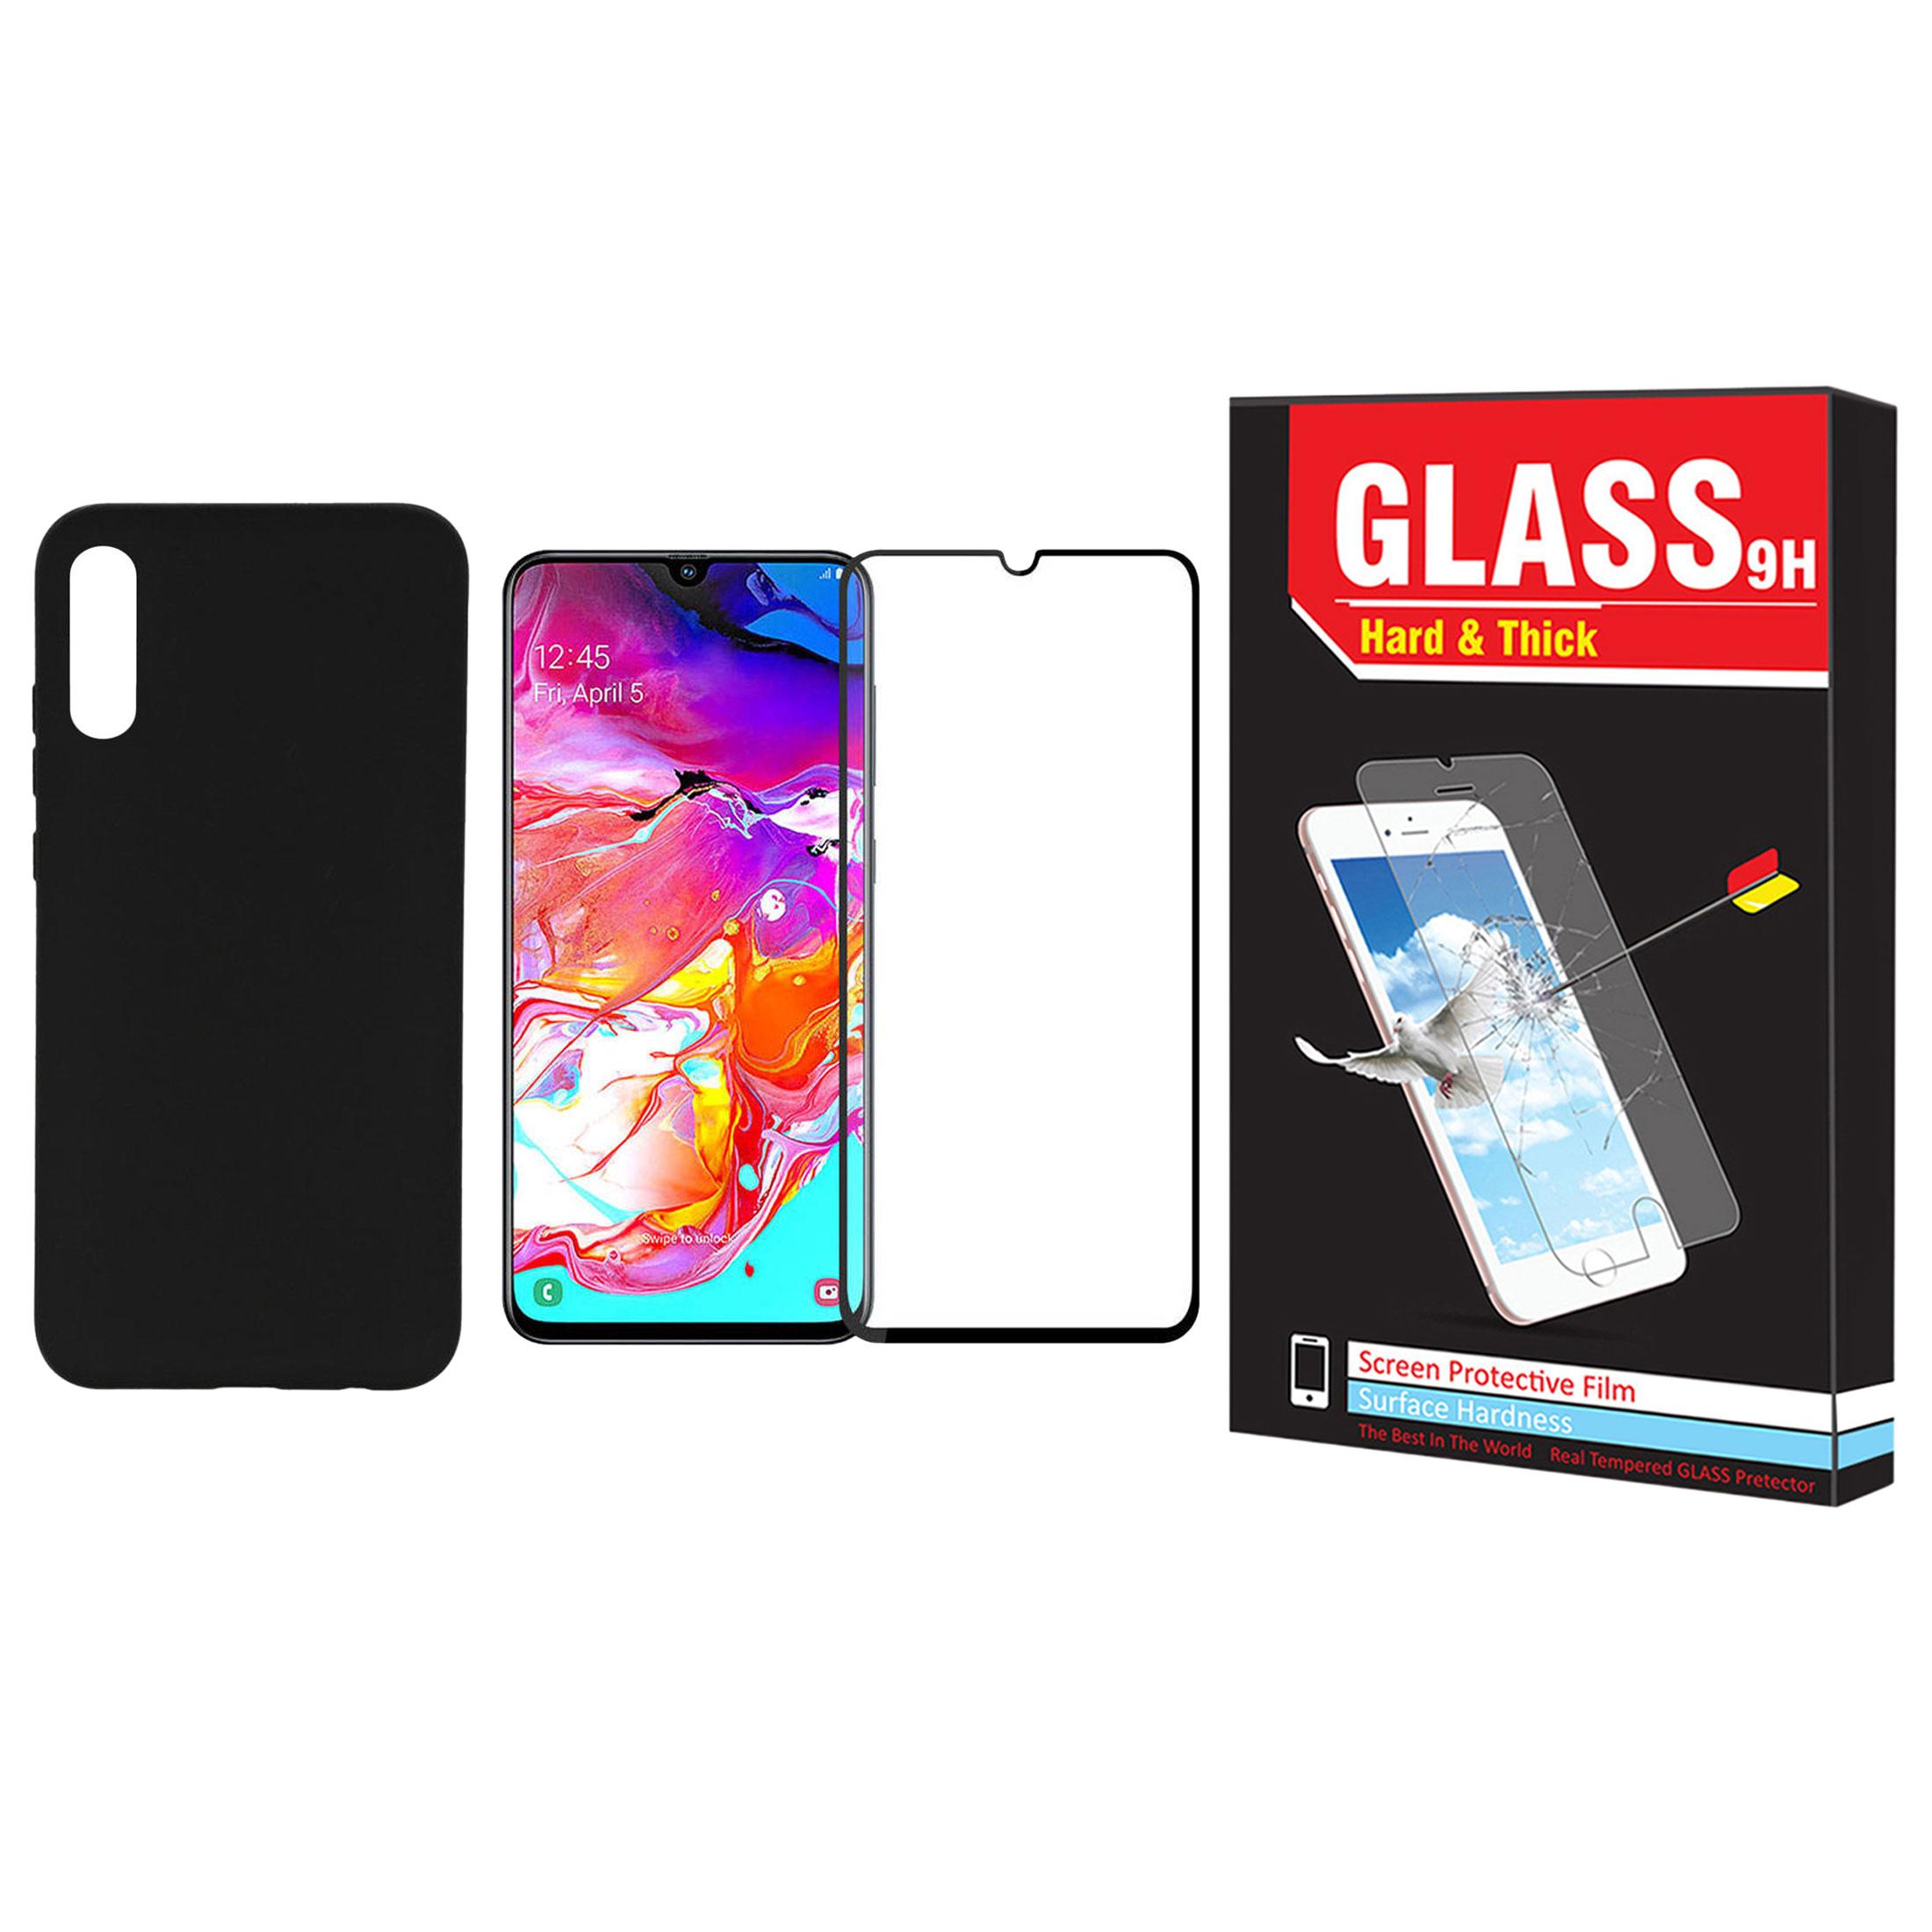 کاور مدل F-01 مناسب برای گوشی موبایل سامسونگ Galaxy A50s به همراه محافظ صفحه نمایش Hard and thick مدل F-02